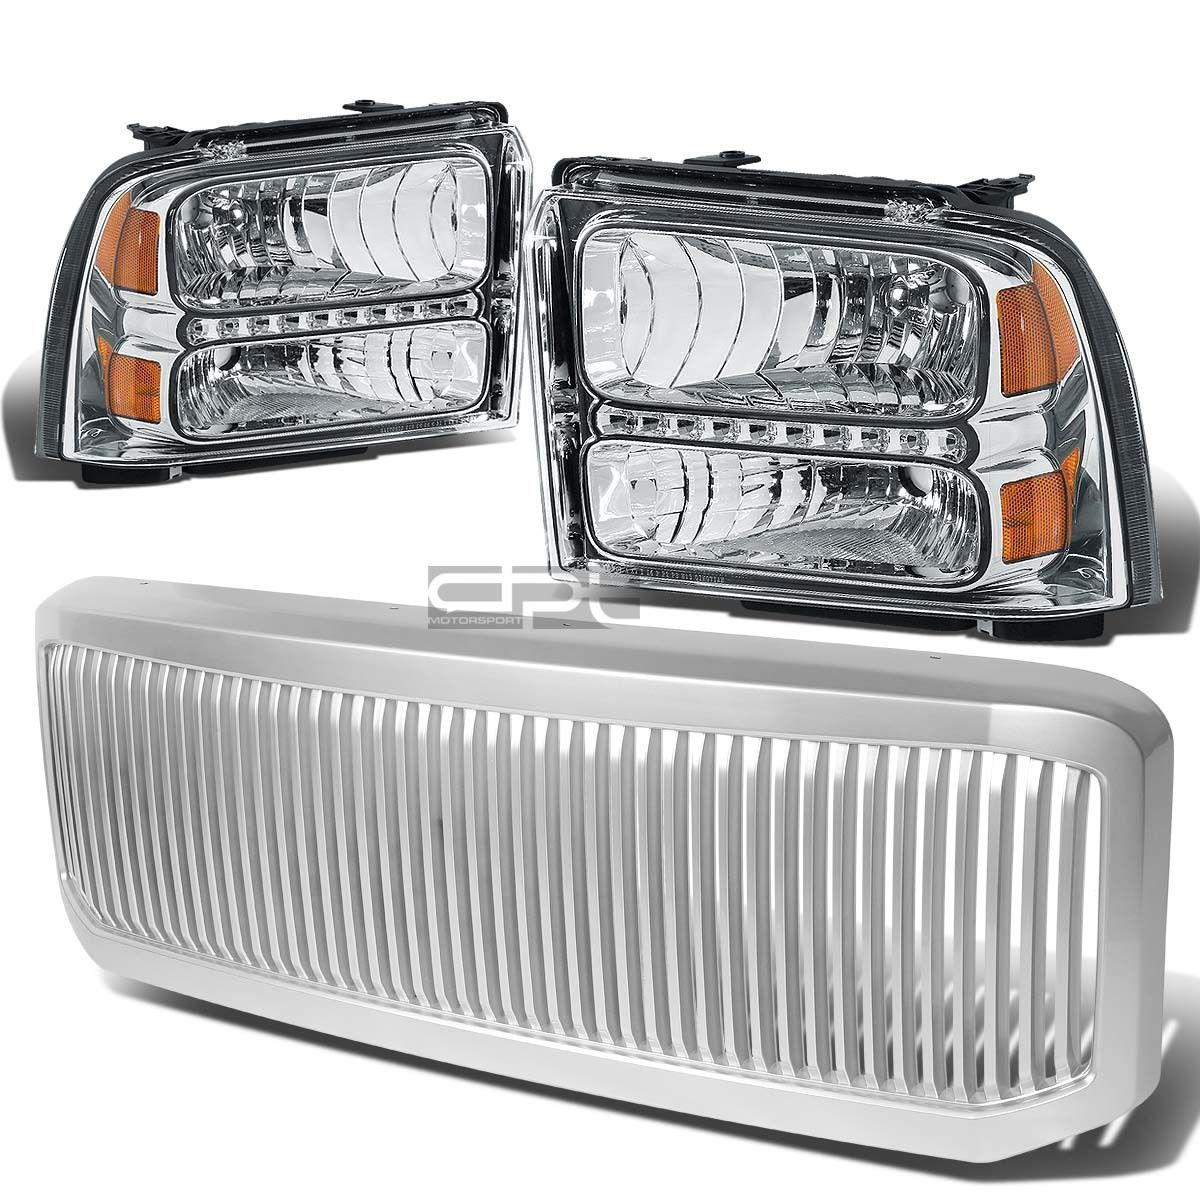 グリル 05-07のためのスーパーライトヘッドライト+ LED + アンバーバッフアライト+グリルガードカバー FOR 05-07 SUPERDUTY CHROME HEADLIGHT+LED+AMBER BUMPER LIGHT+GRILL GUARD COVER